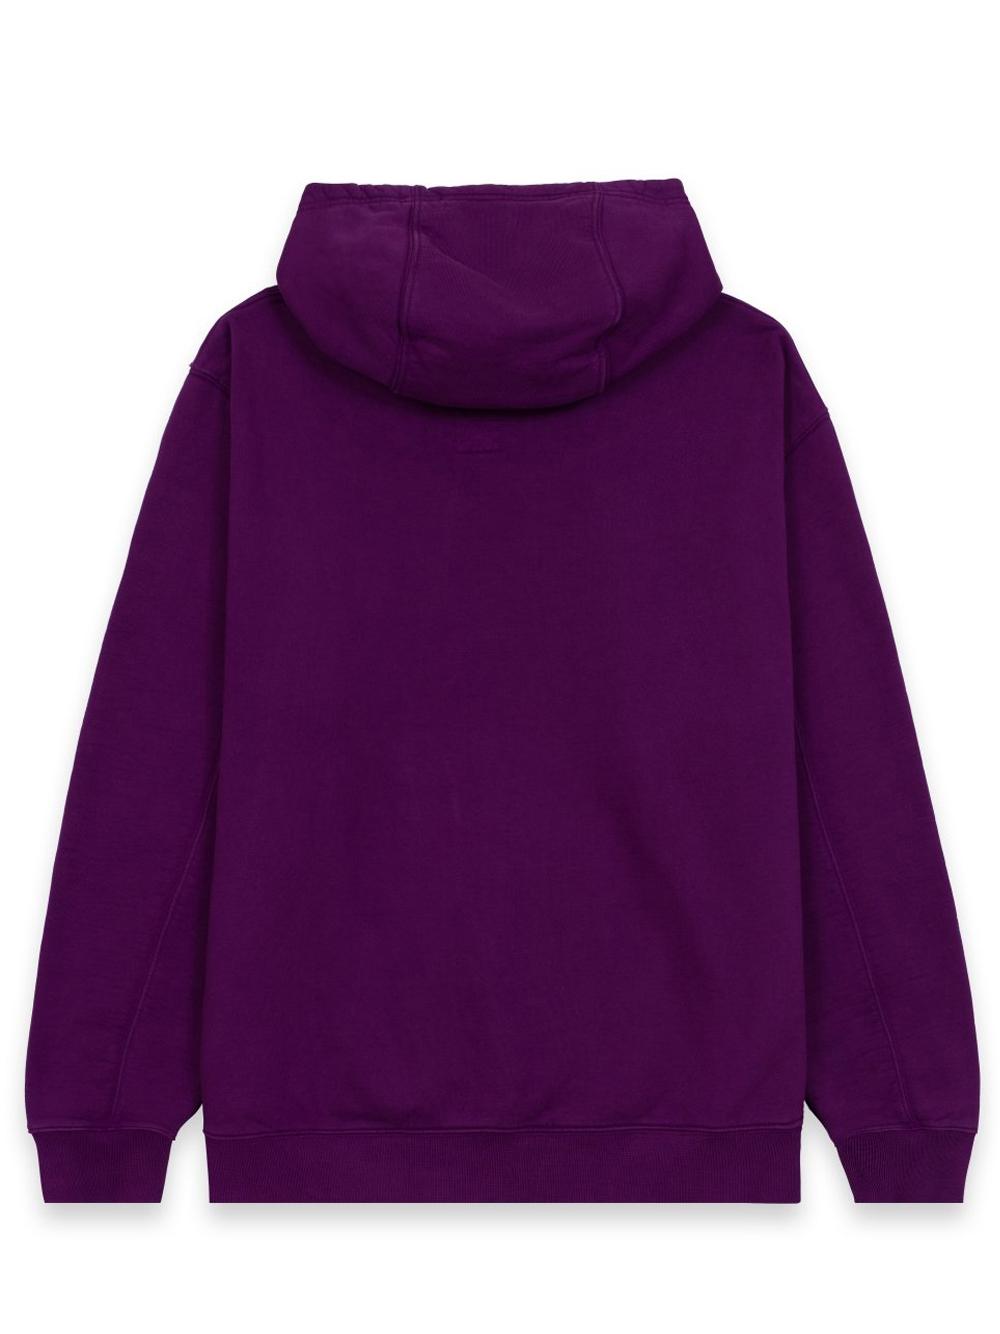 clownin hoodie man purple in cotton BRAIN DEAD   Sweatshirts   F21T09001946PURPLE